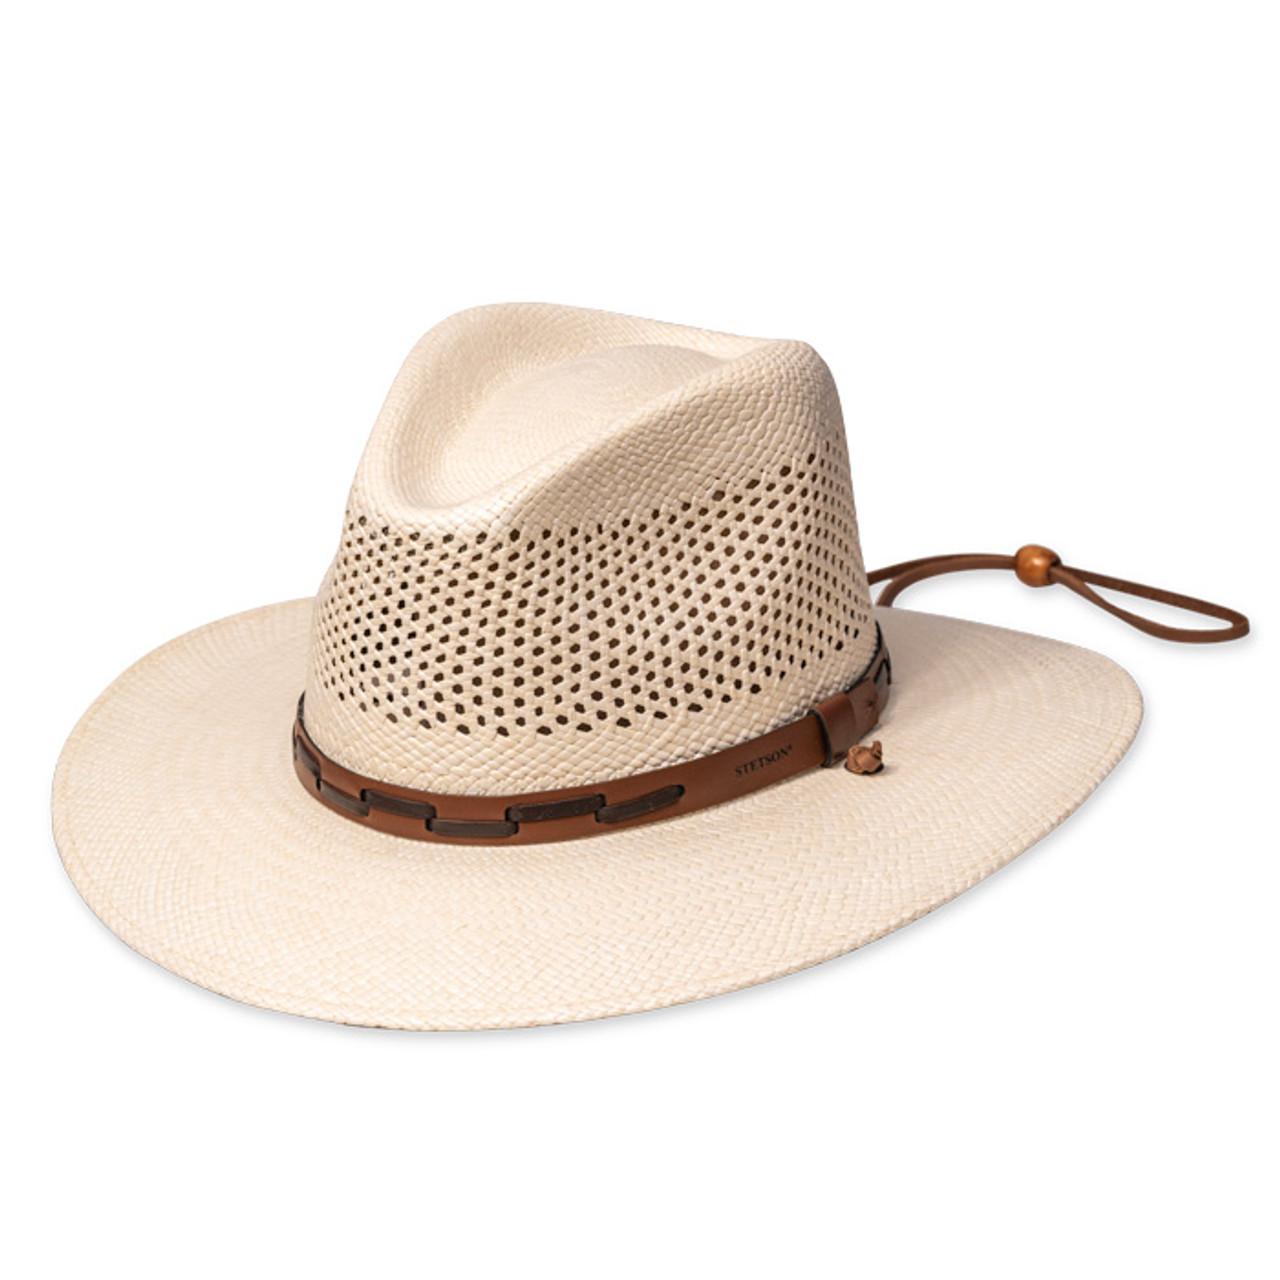 bester Ort für Genieße den kostenlosen Versand amazon Stetson - Airway Panama Safari Hat